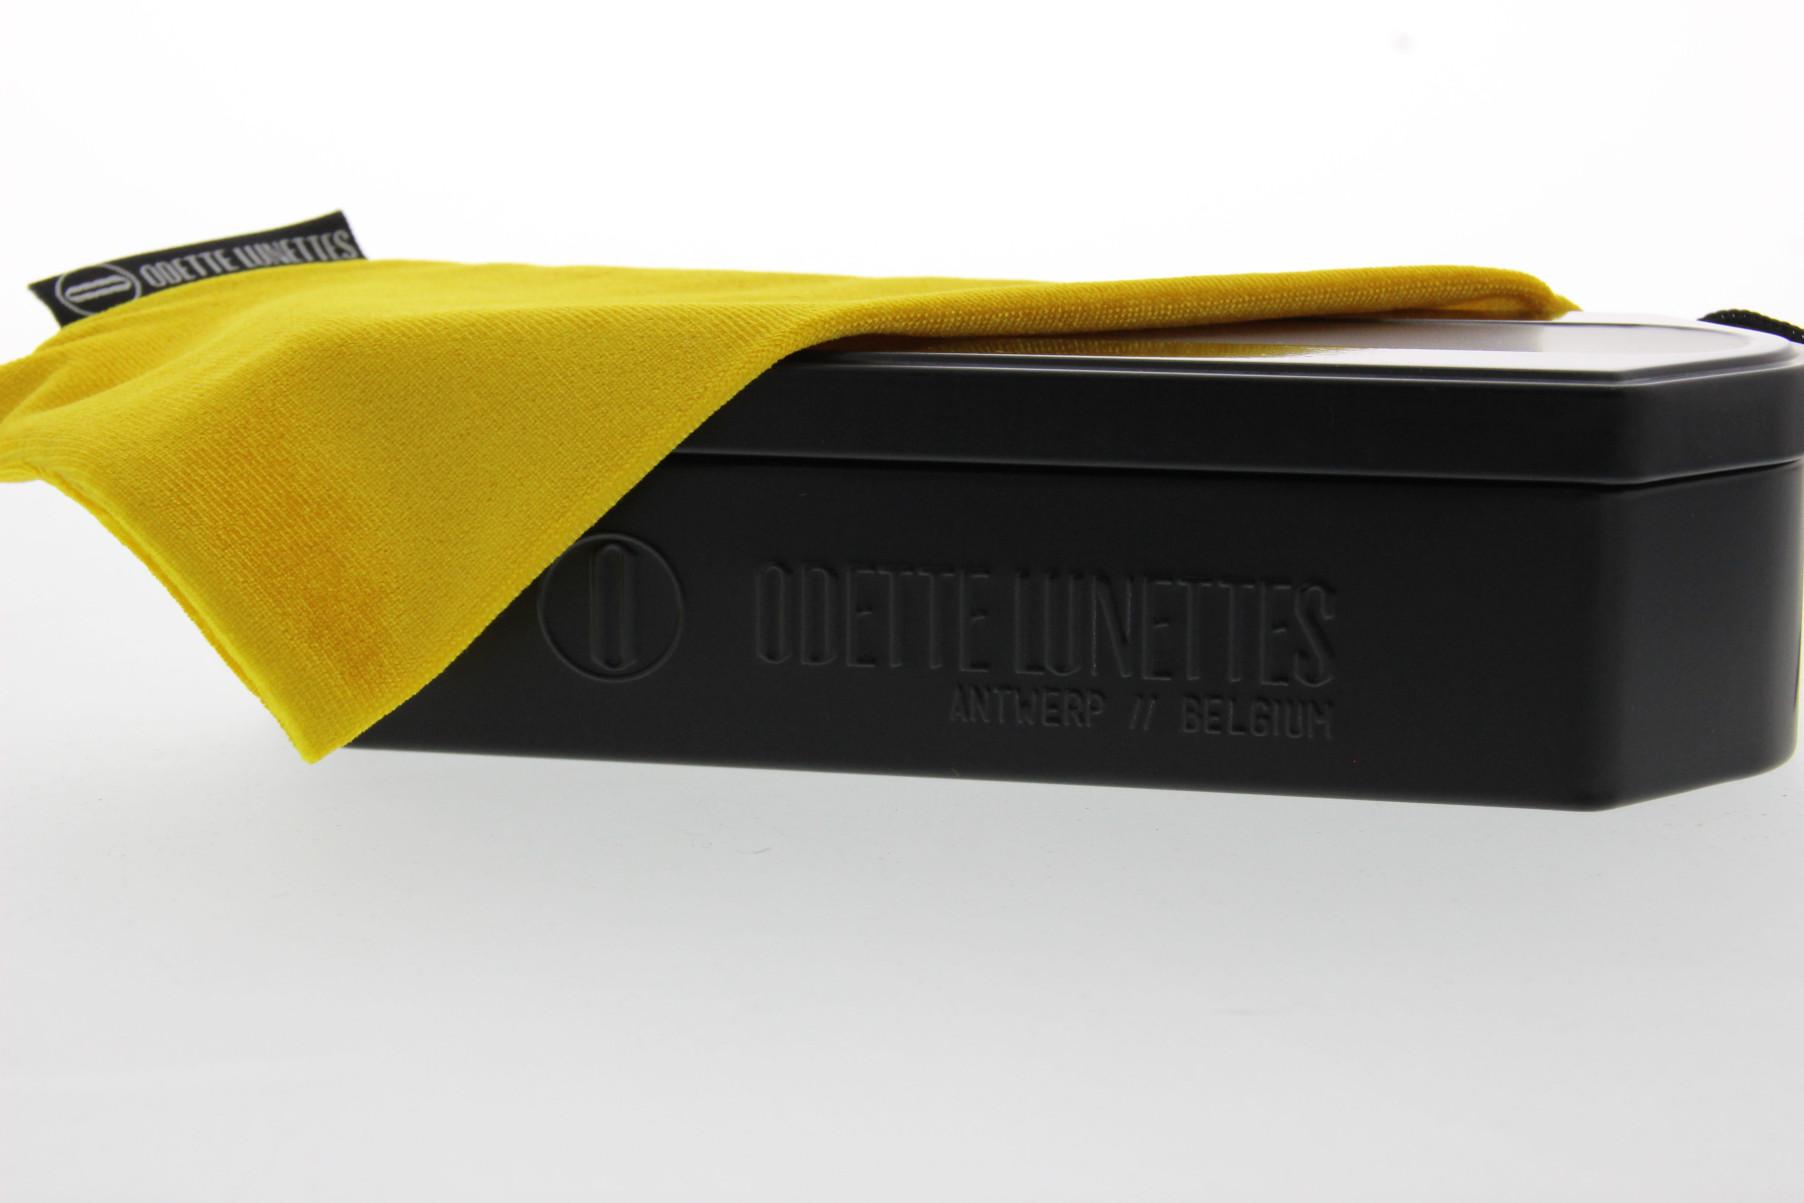 Odette Lunettes 201919.jpg